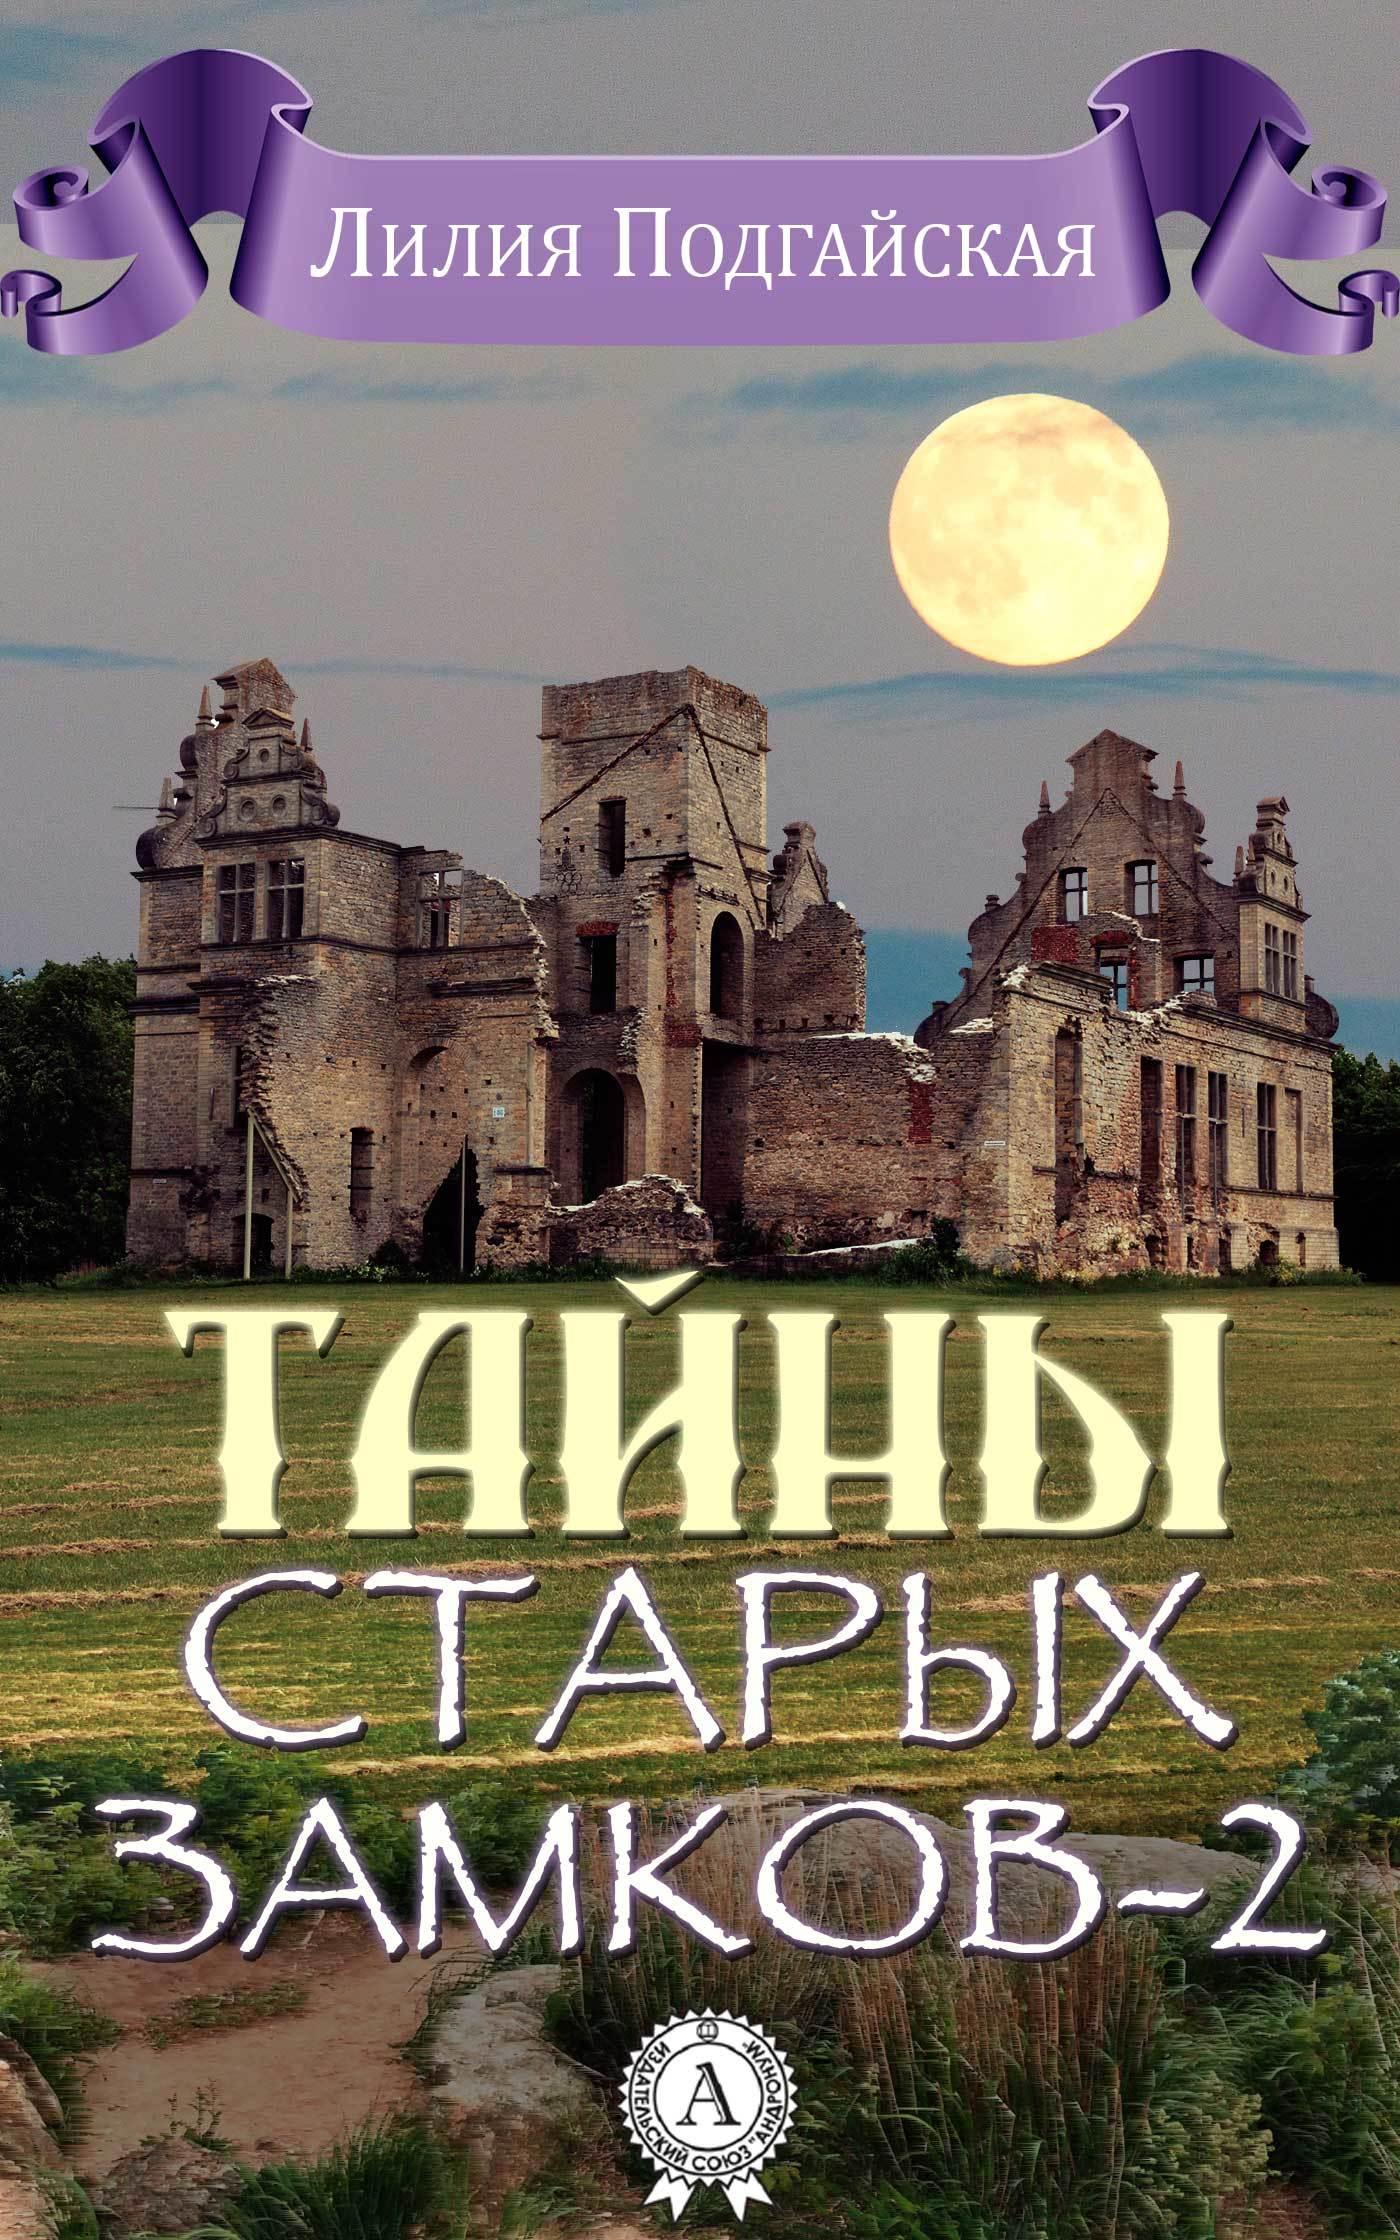 Лилия Подгайская Тайны старых замков – 2 лилия подгайская фея без волшебной палочки